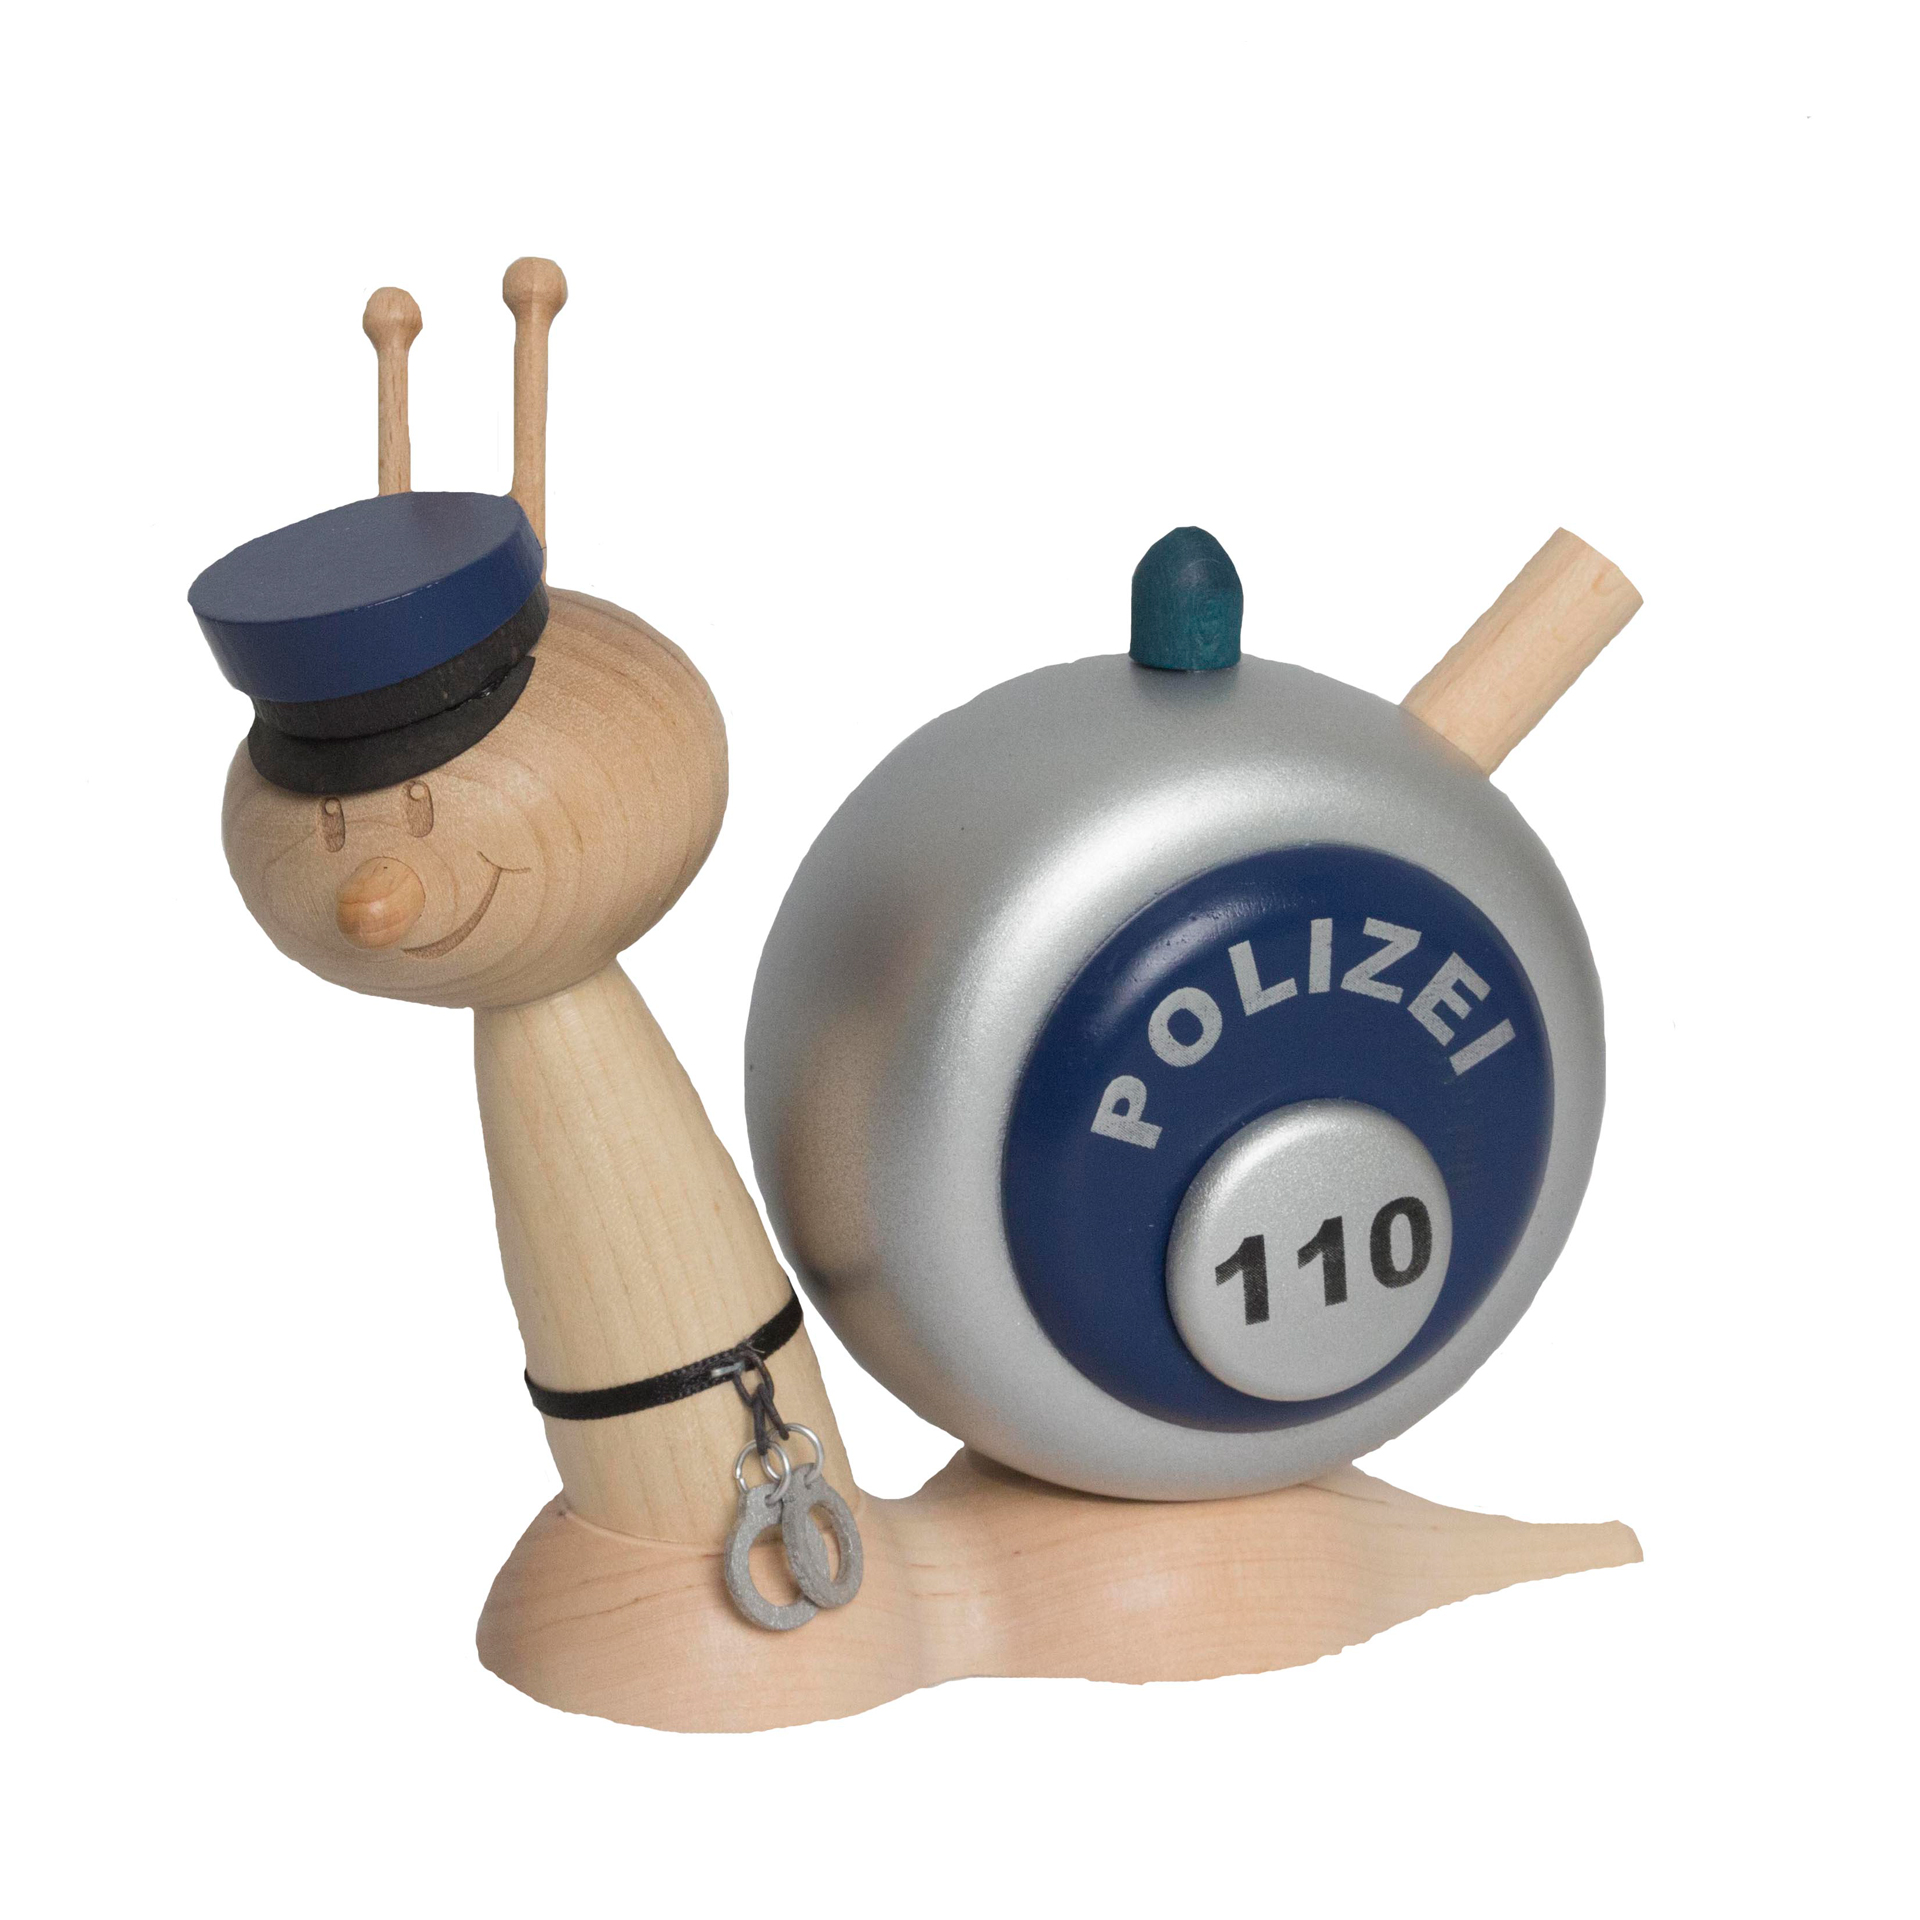 Polizeischnecke